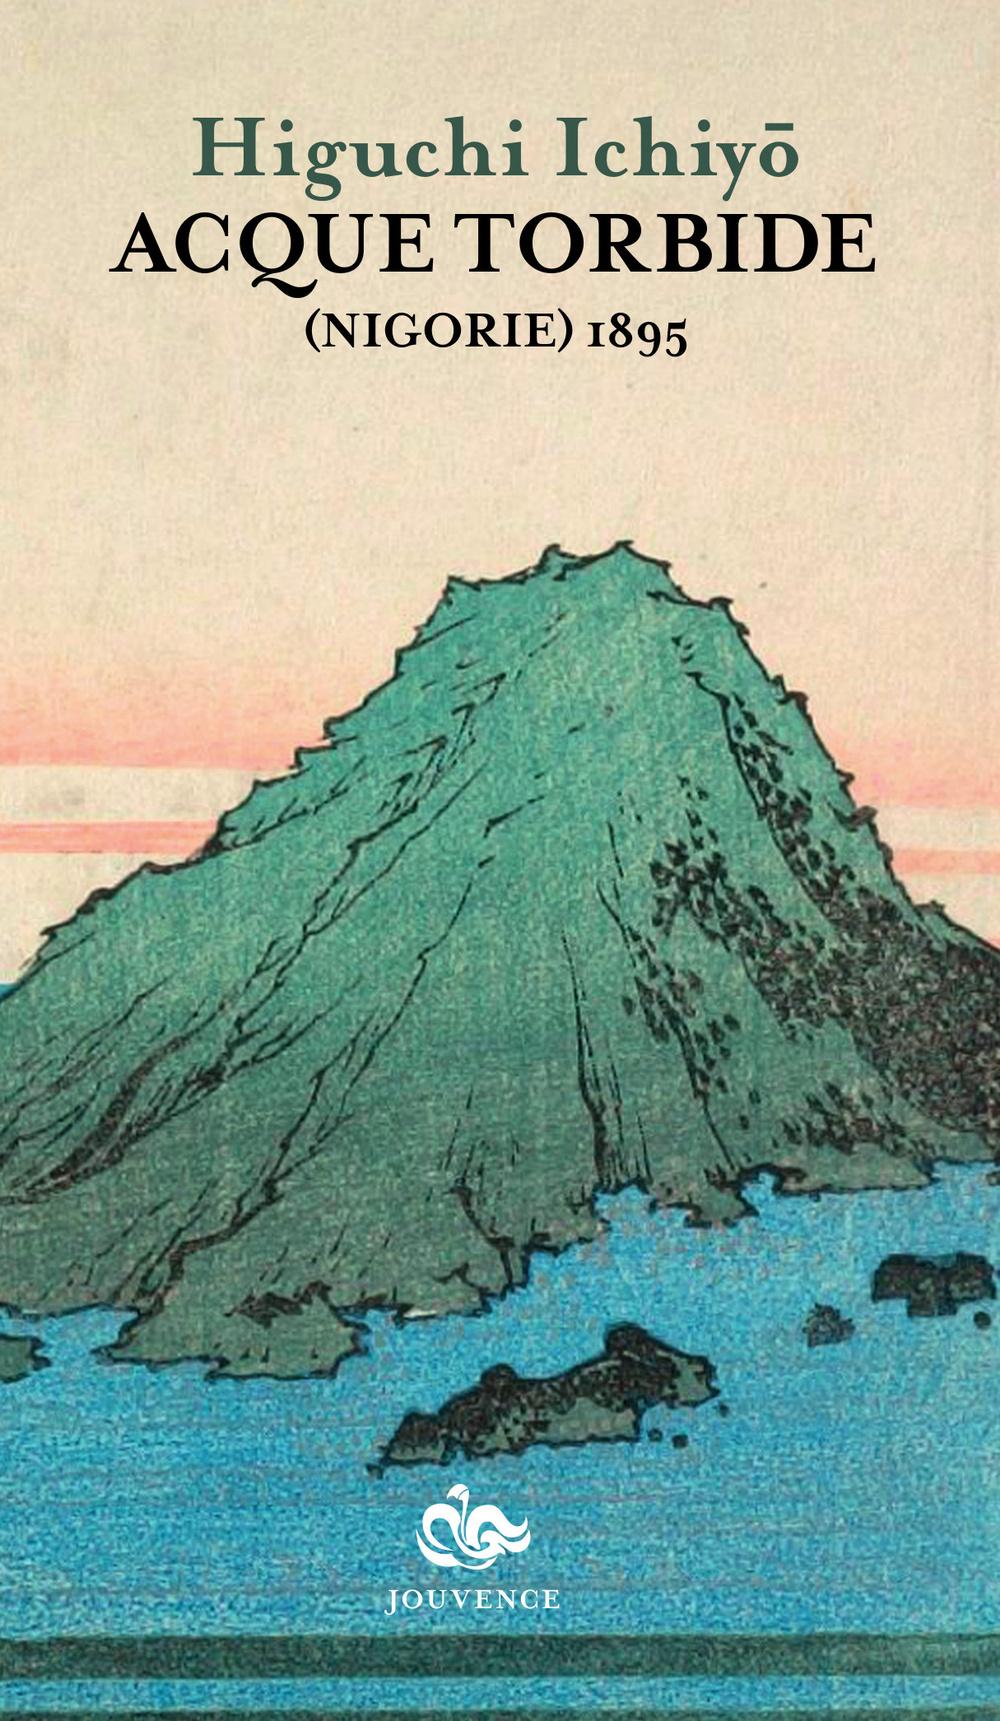 Acque torbide (Nigorie) 1895